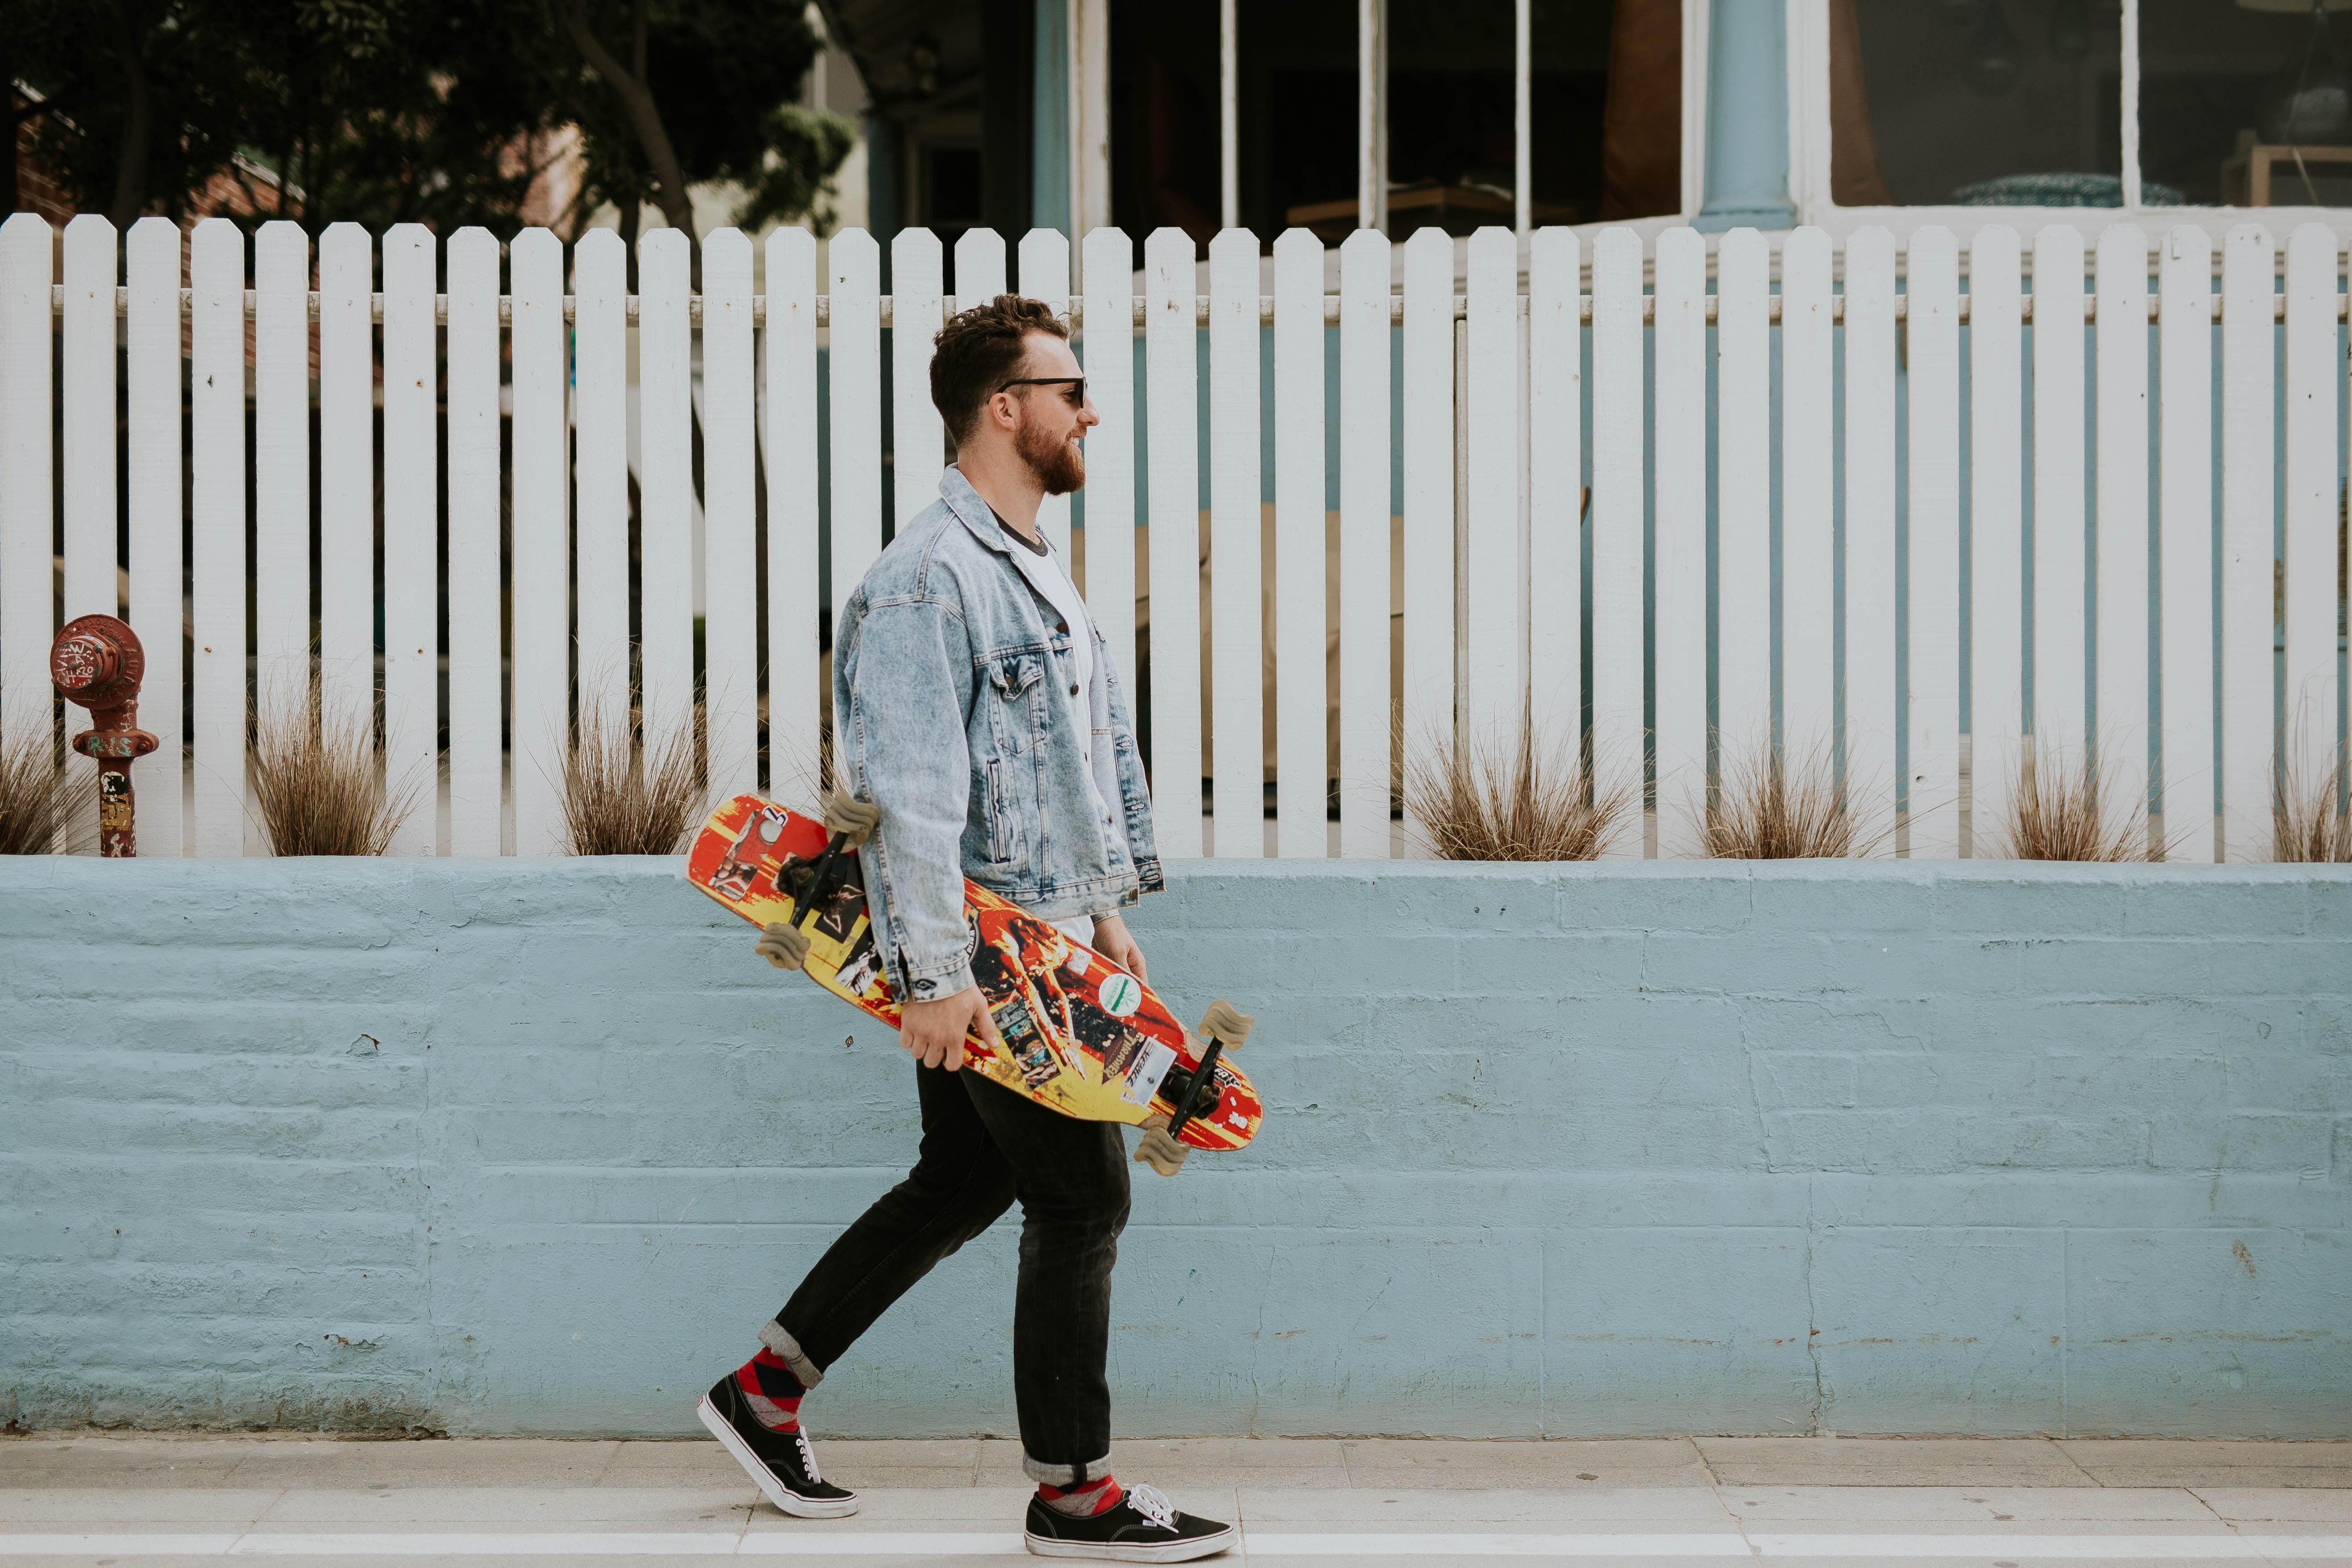 man carrying long board walking beside white fence